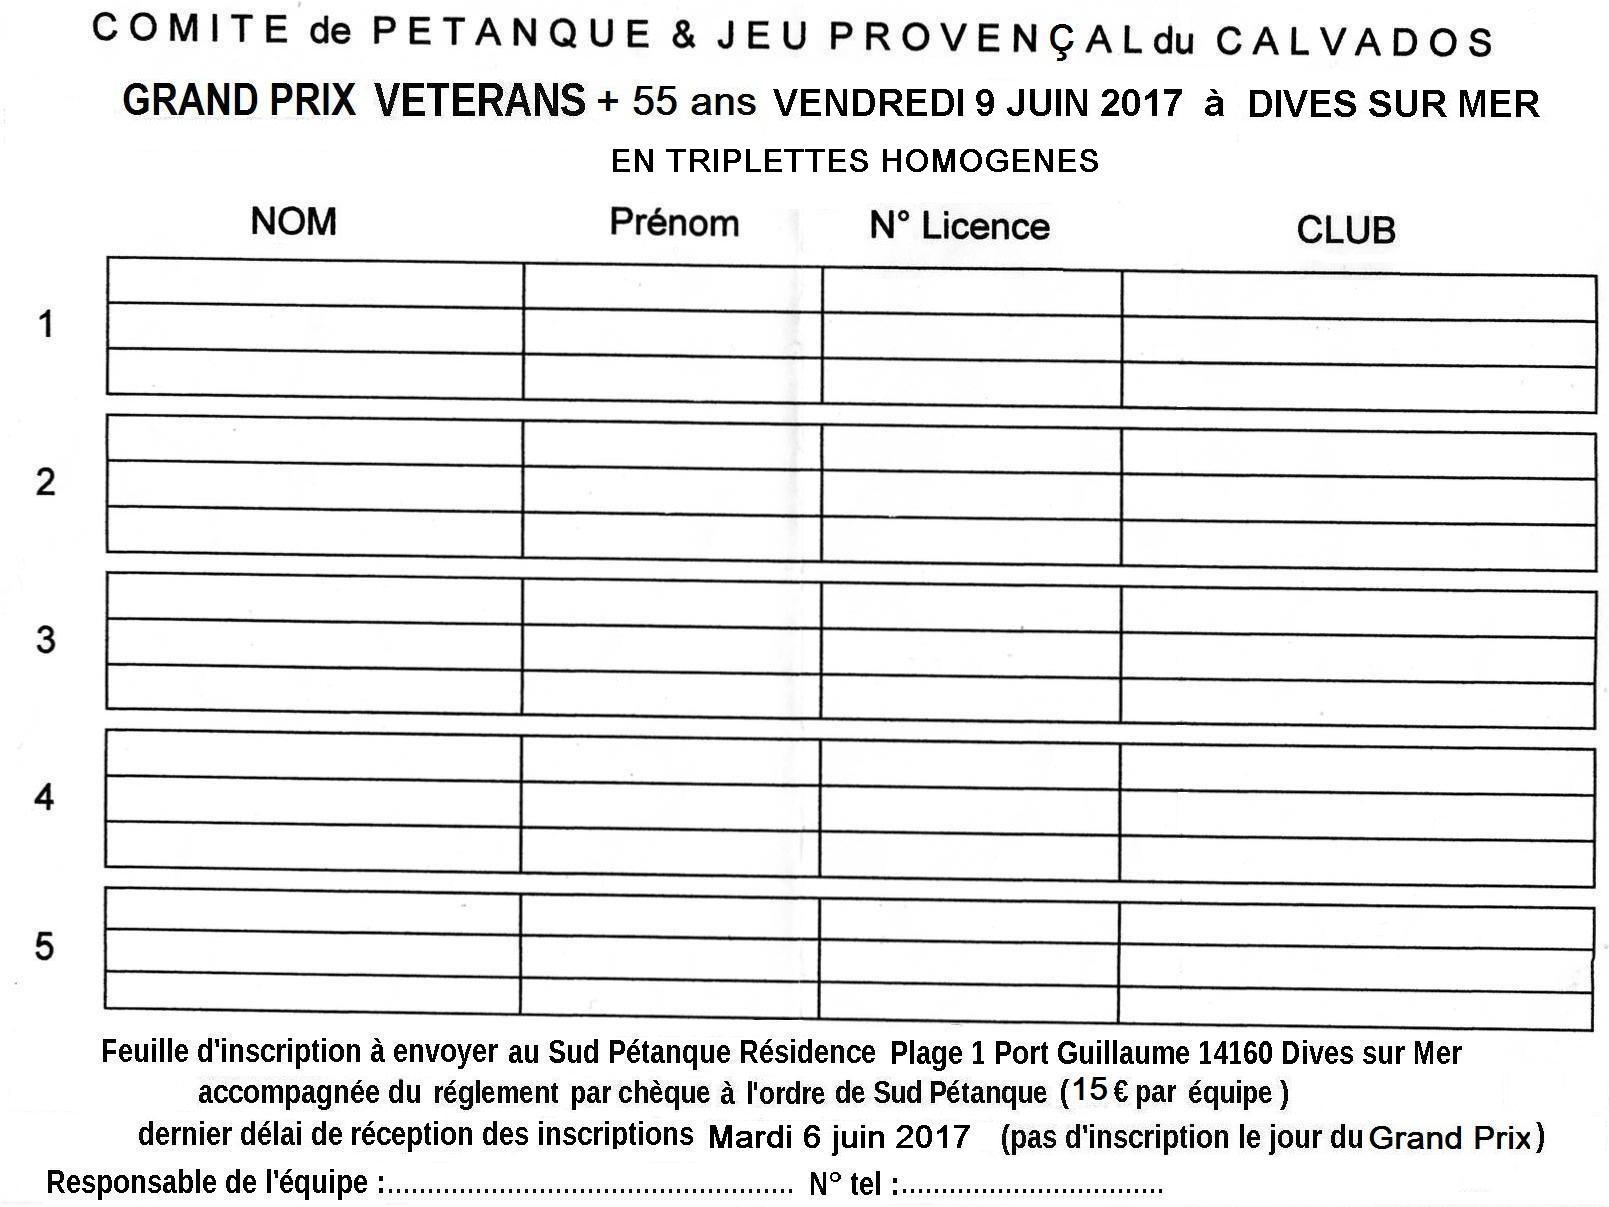 Grand Prix +55ans à Dives sur Mer (CD14)